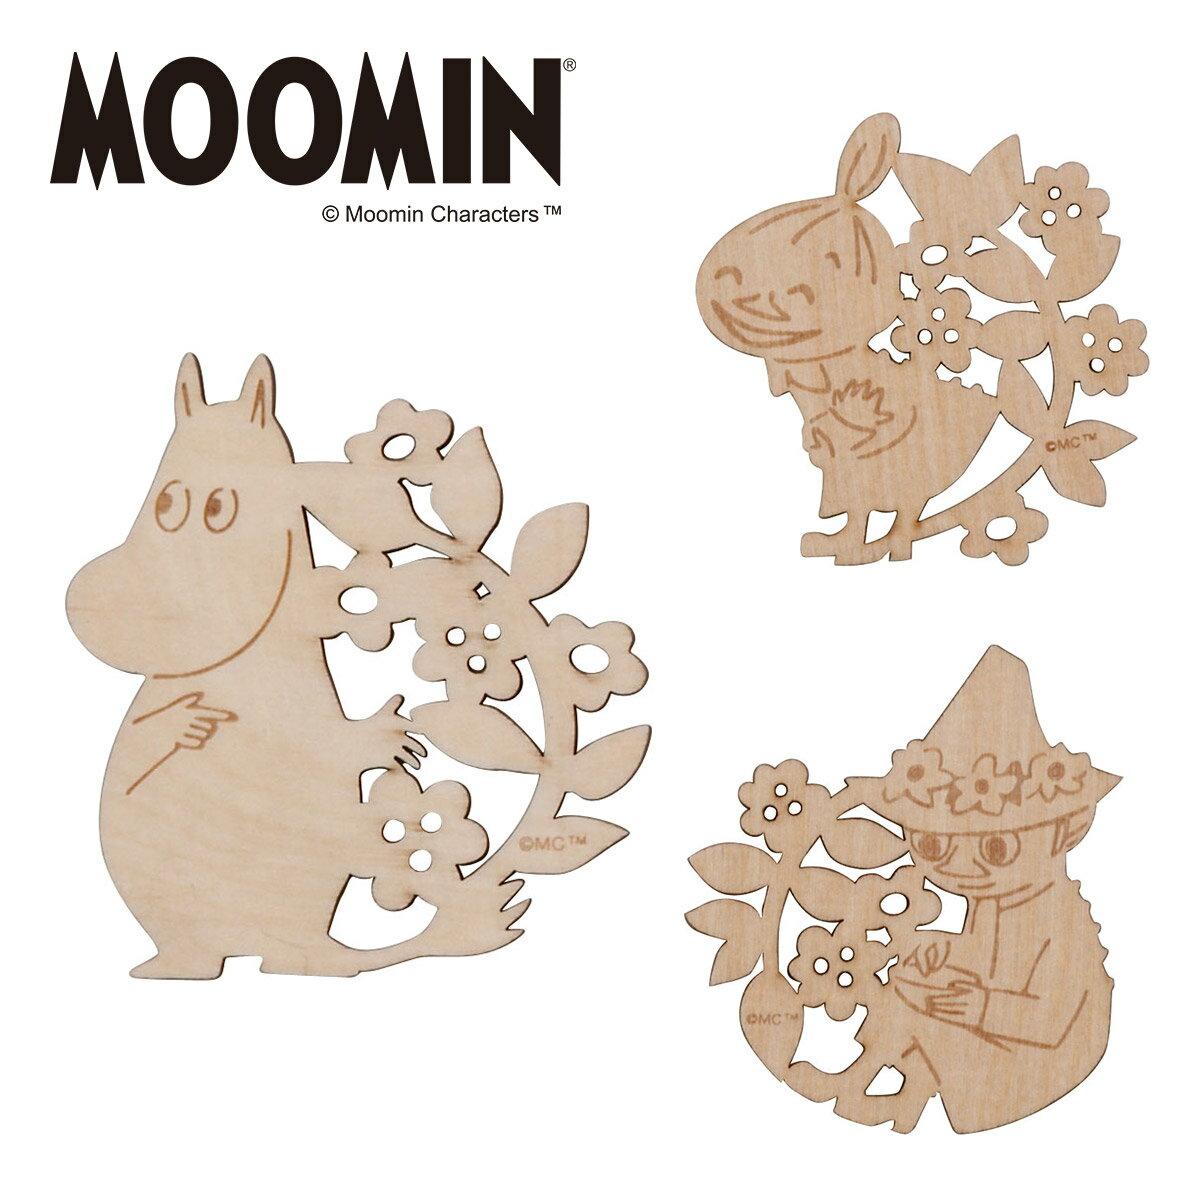 【Max1,000円OFFクーポン】ムーミン MOOMIN 木製コースター 選べる人気キャラクター